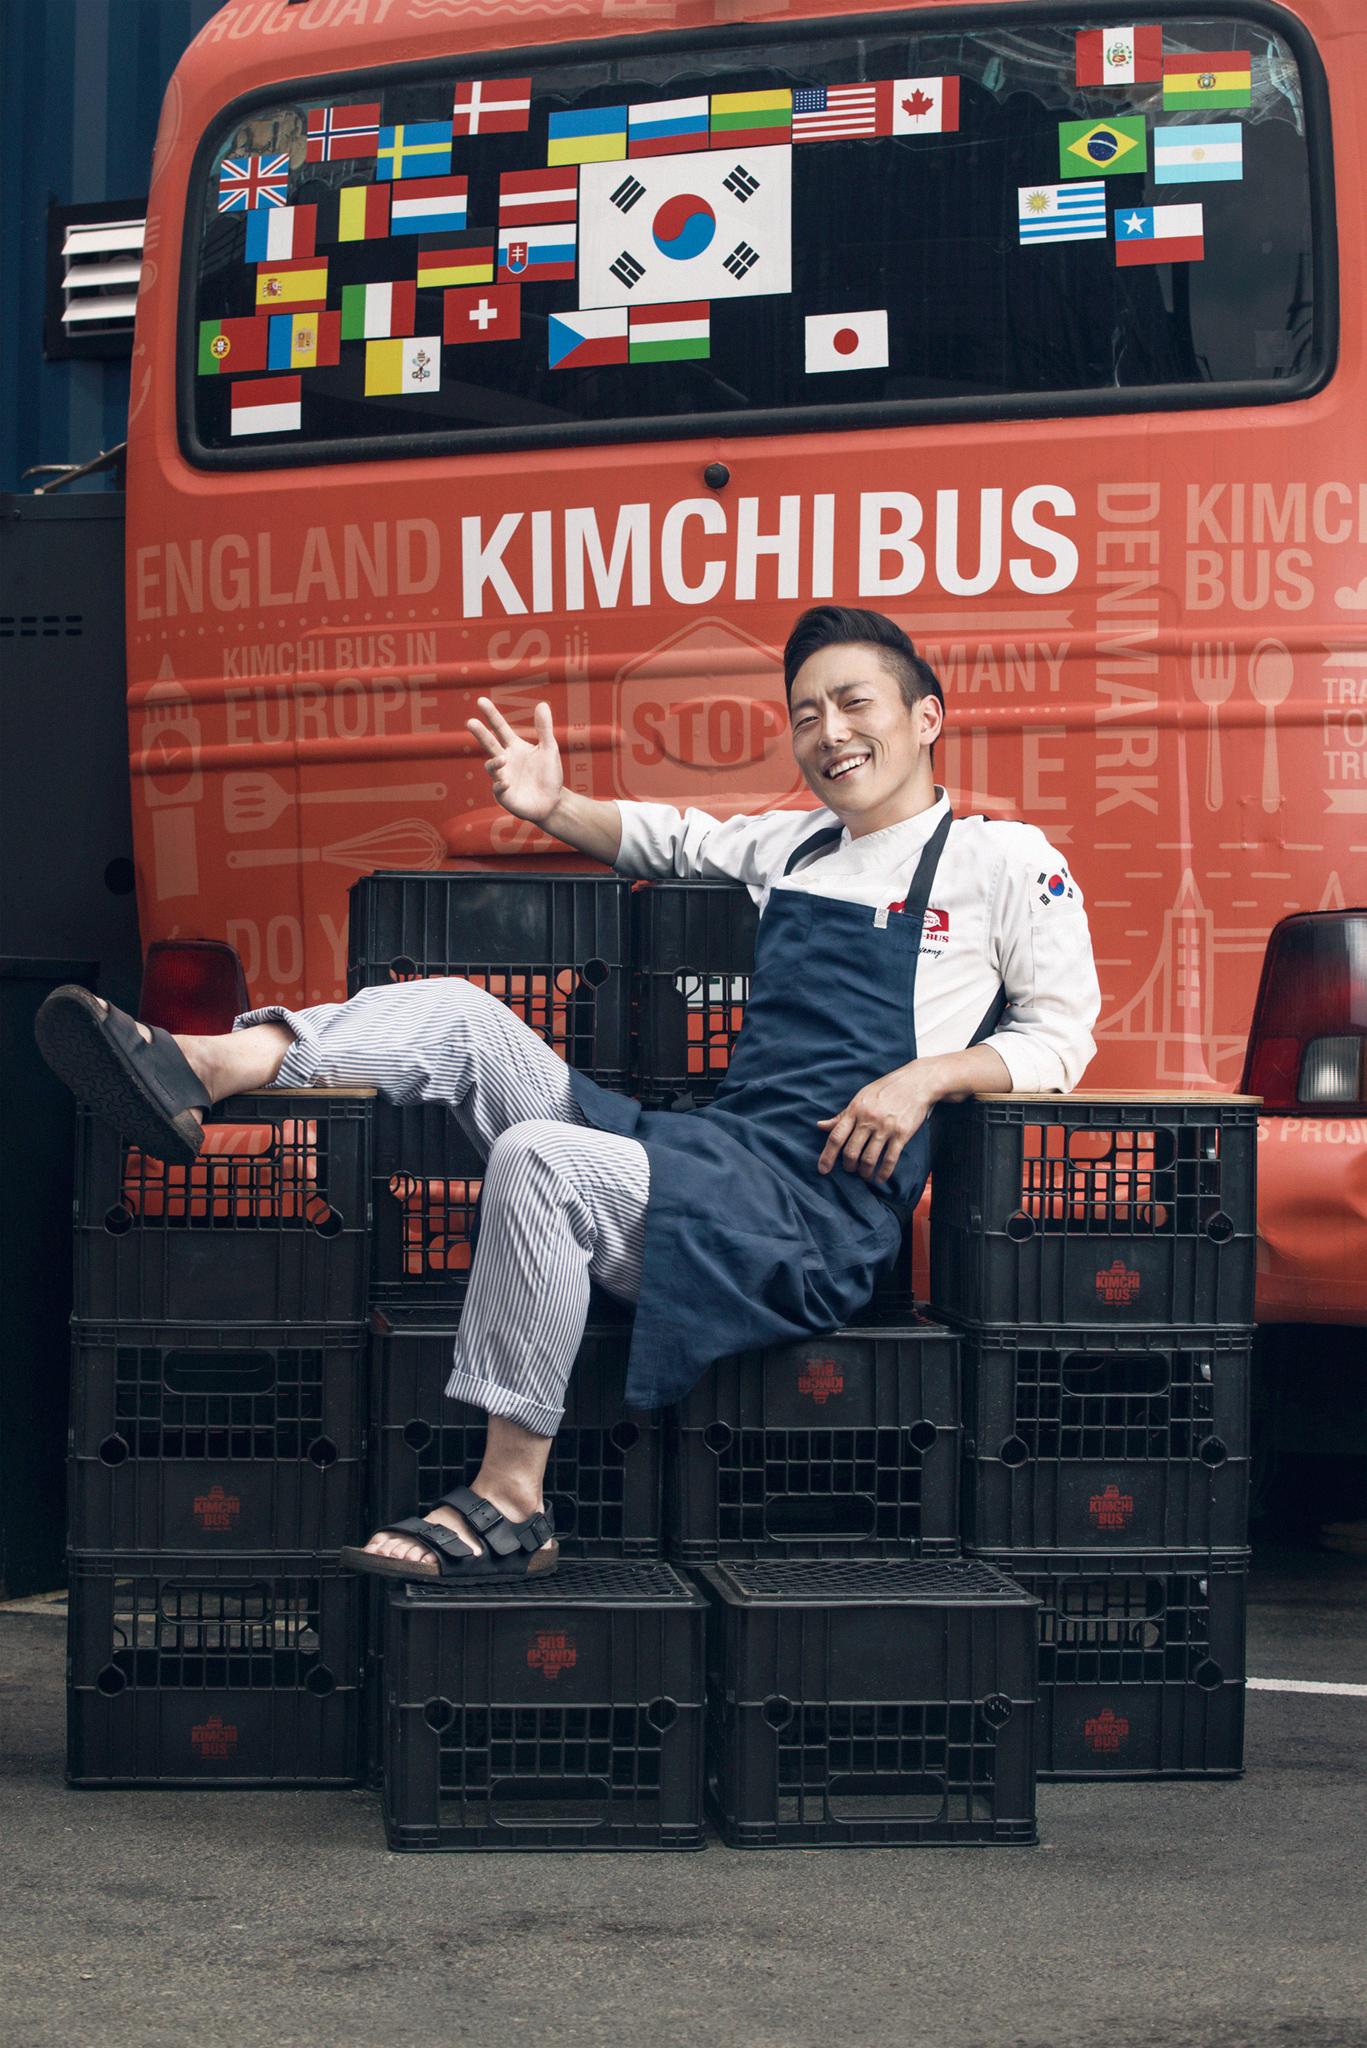 greenville-commercial-fashion-photographer-jorge-gonzalez-kimchi-bus-2